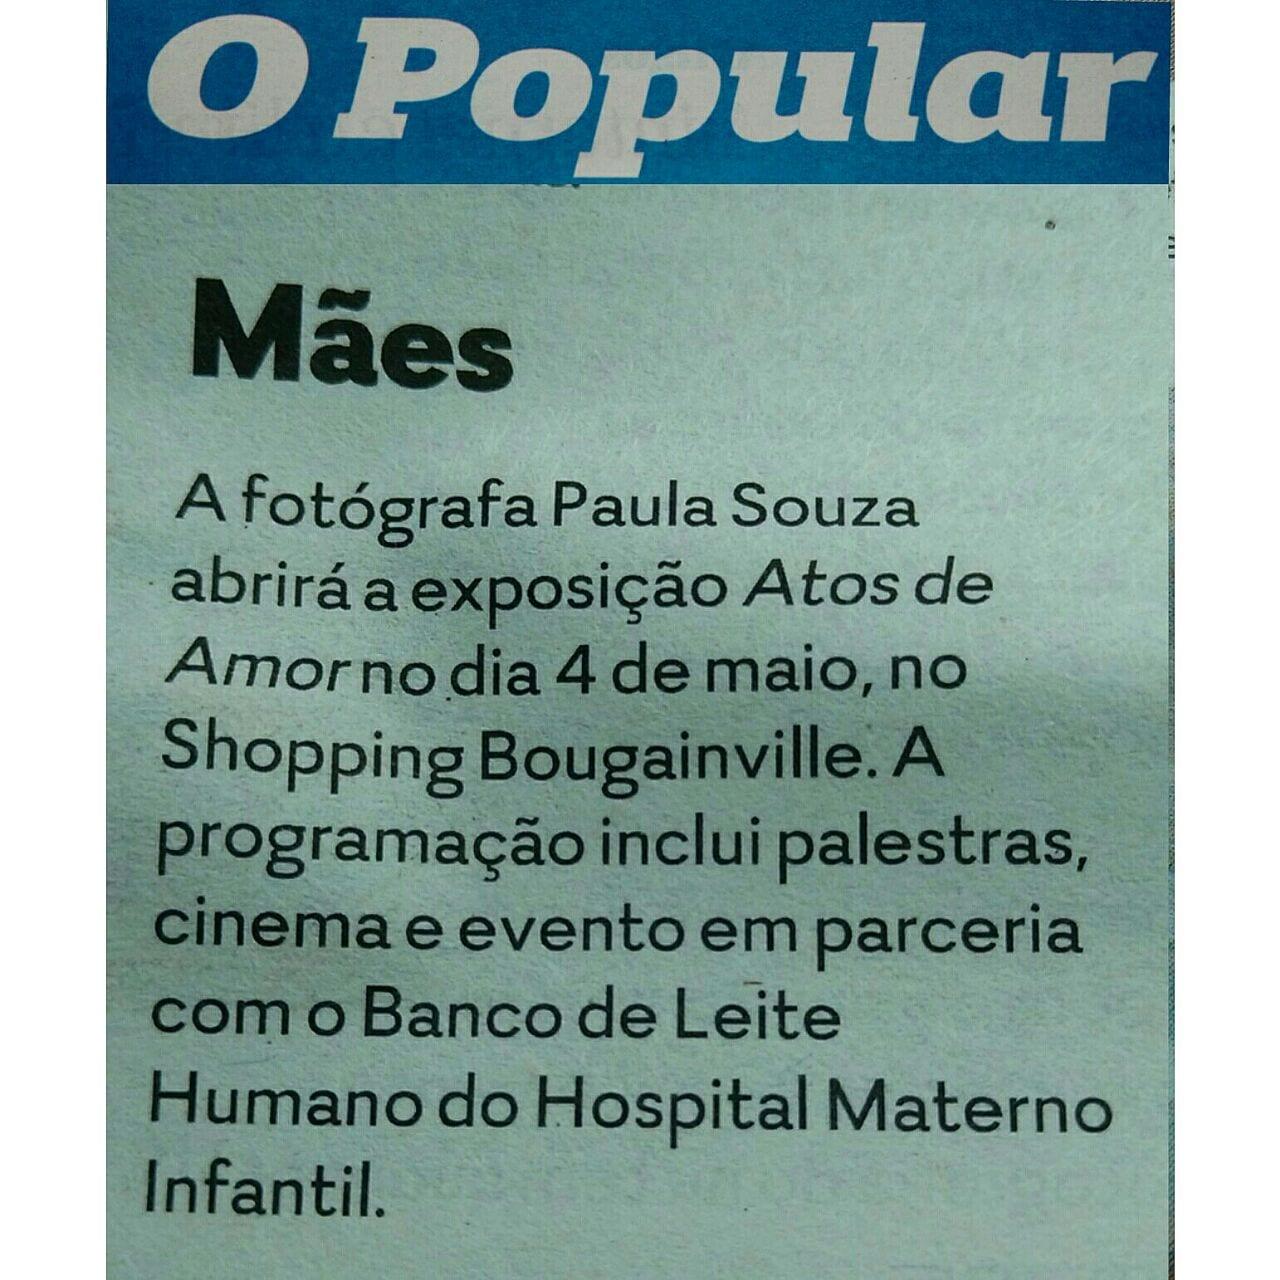 O Popular, Paula Souza, Newborn, gestante, Goiania, Brasilia, Anapolis, Exposicao fotografica das maes - 5